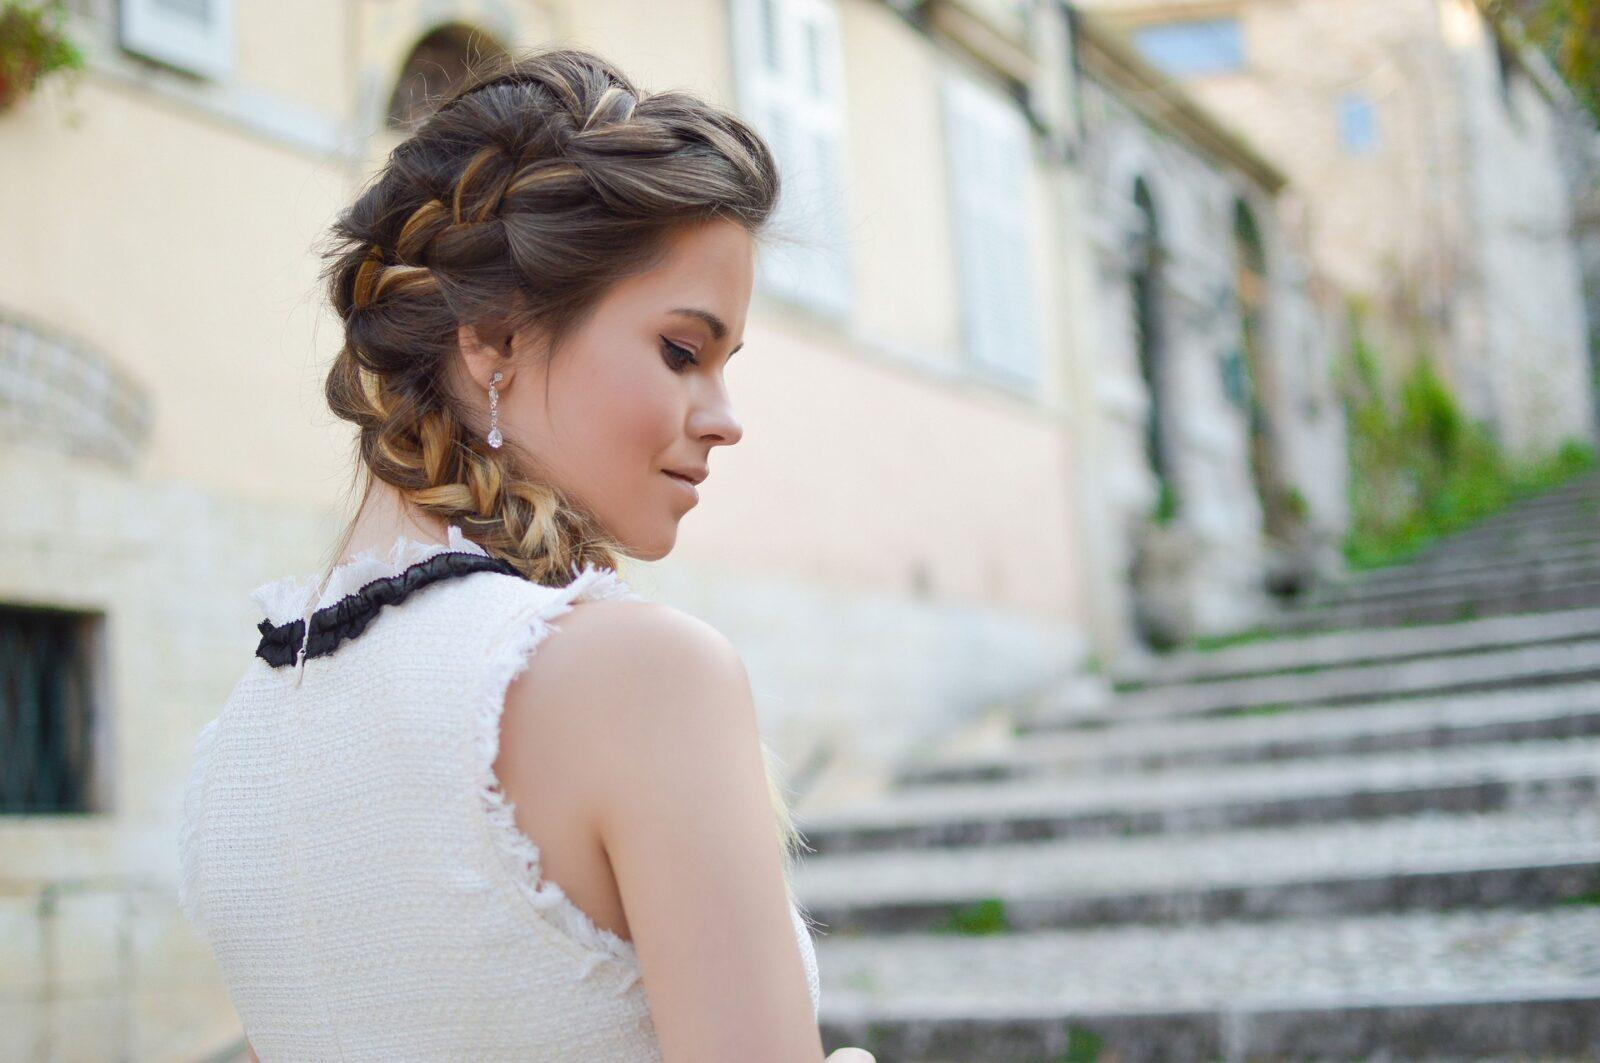 Une coiffure protectrice simple et tendance entretenue grâce à des soins adaptés de la gamme Aloe Locks de Shandrani Easy Pouss